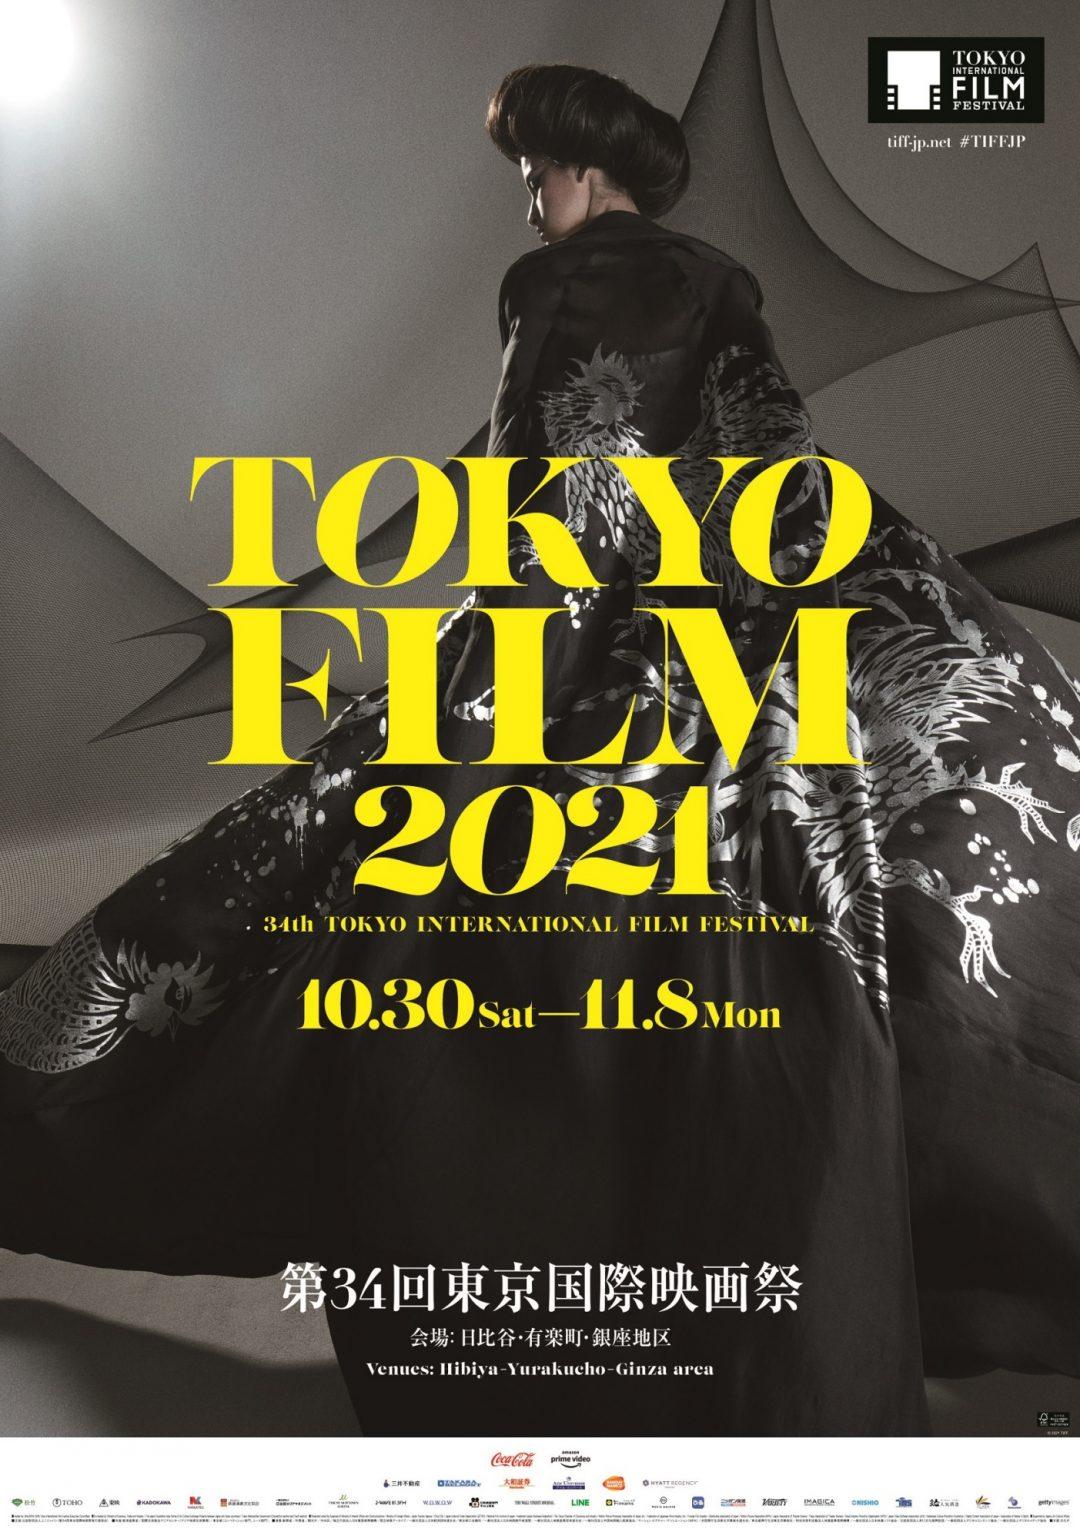 第34回 東京国際映画祭が10月末に開催 ! 上映作品がちりばめられた国際色豊かな予告映像が公開